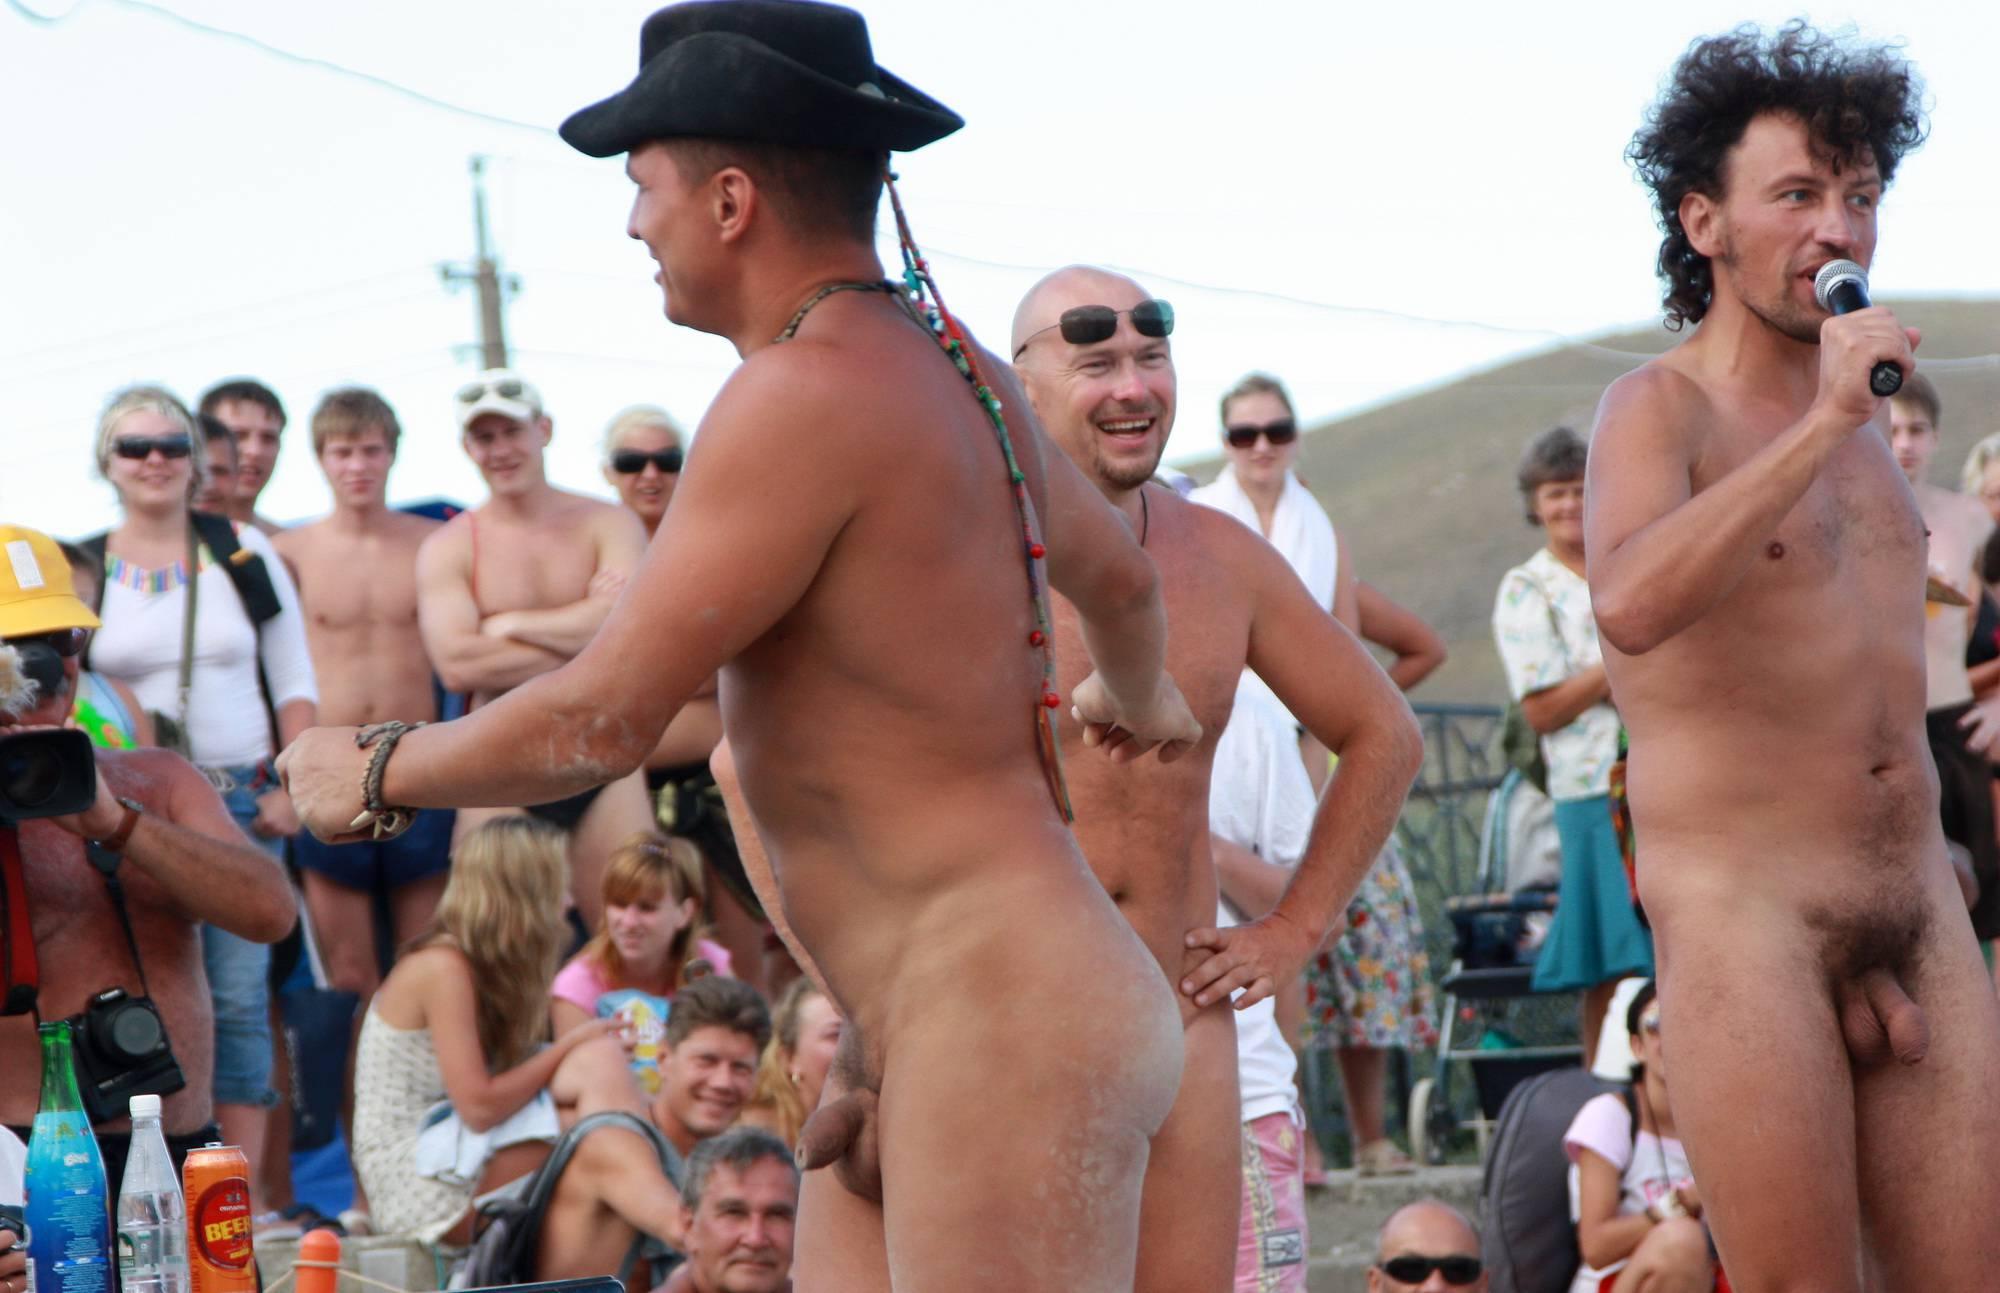 Nudist Pics Ukrainian Men Day Lineup - 2